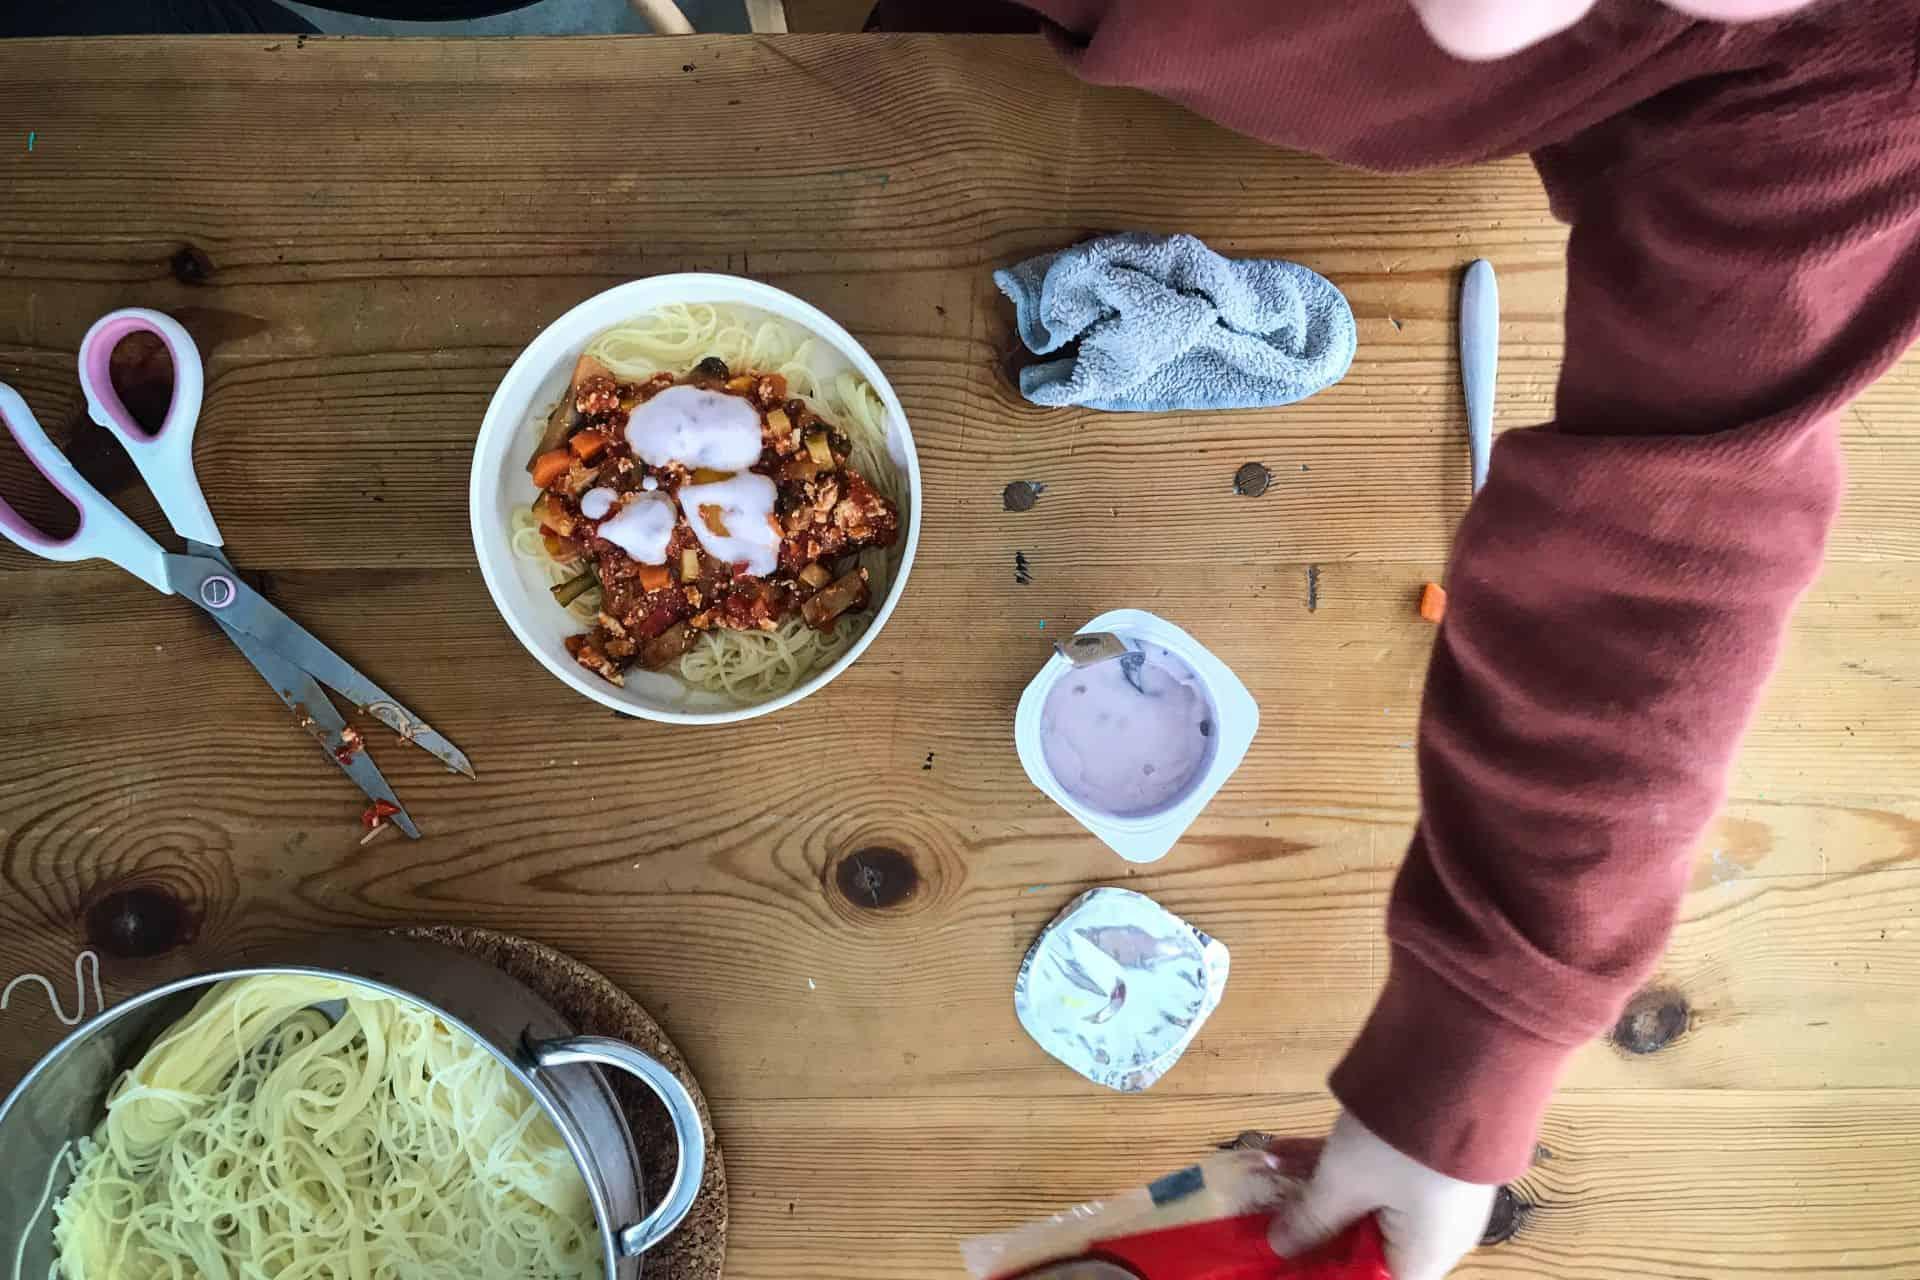 Je kind laten spelen met eten: mag dat of mag dat niet?